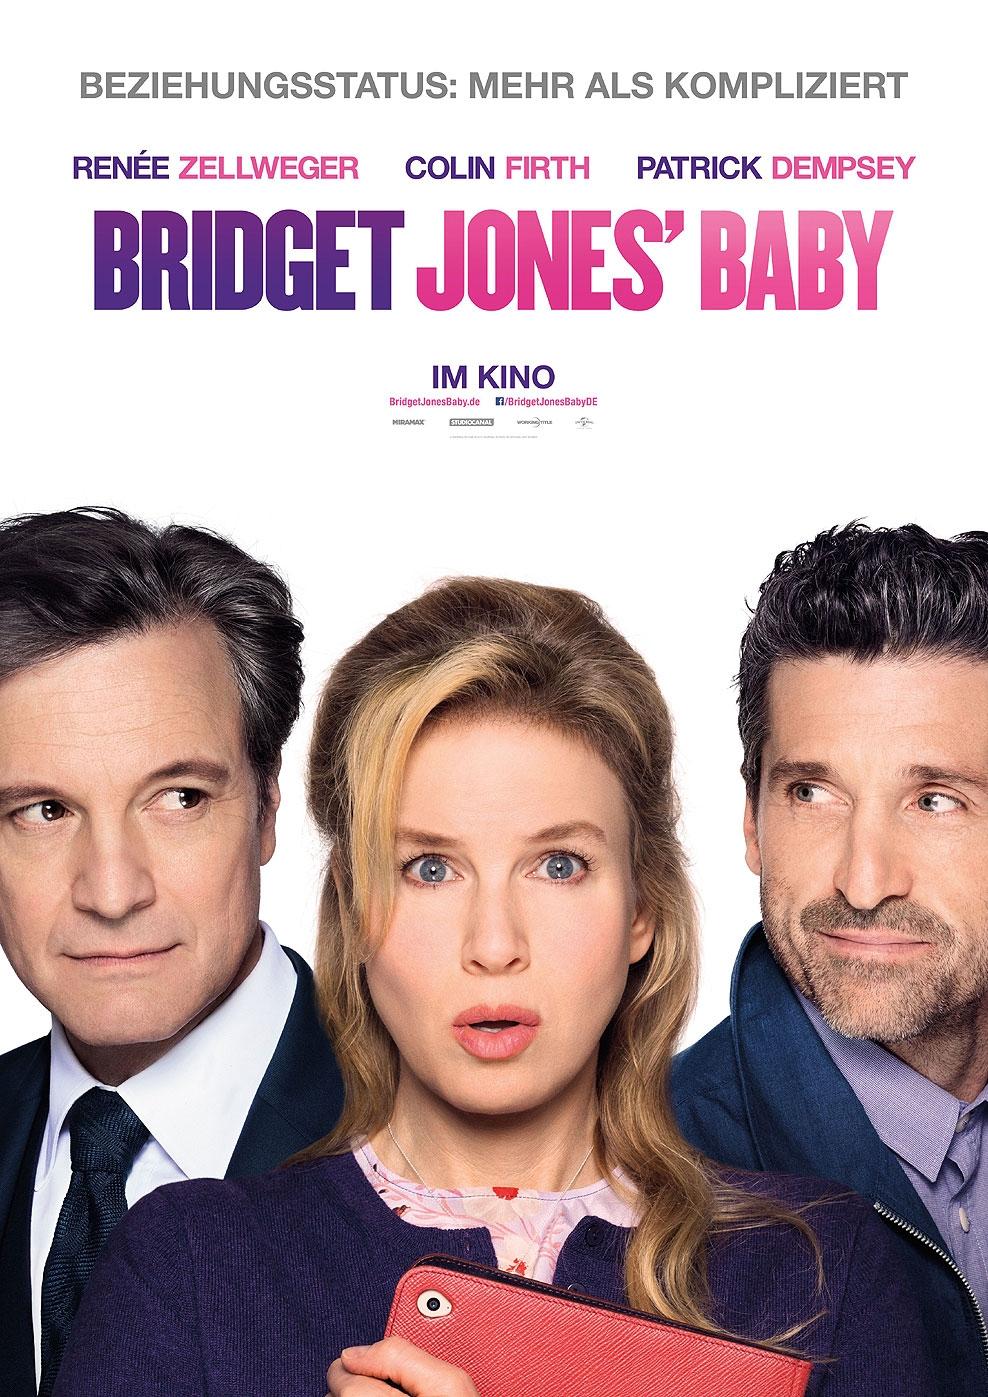 Bridget Jones' Baby (Poster)